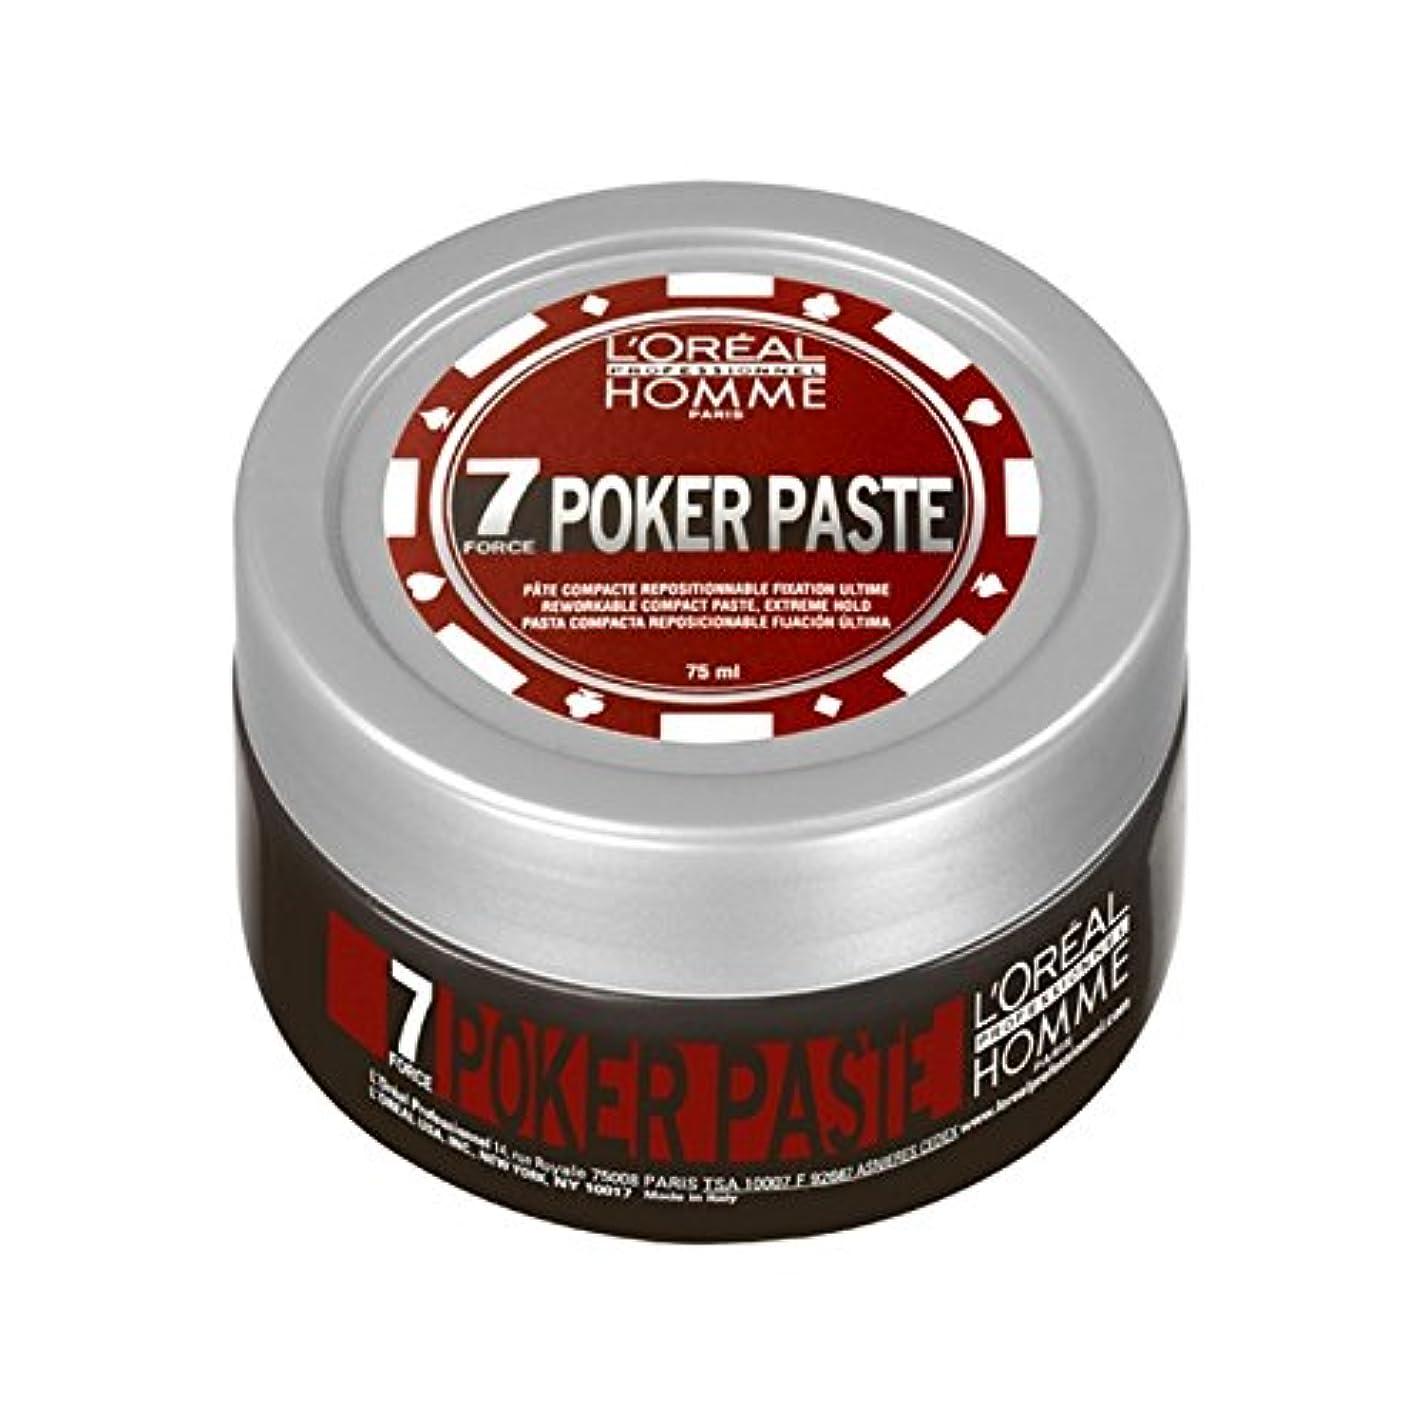 ドラッグ楕円形なしでL'Oreal Professional Homme Poker Paste (75ml) - ロレアルプロオムポーカーペースト(75ミリリットル) [並行輸入品]